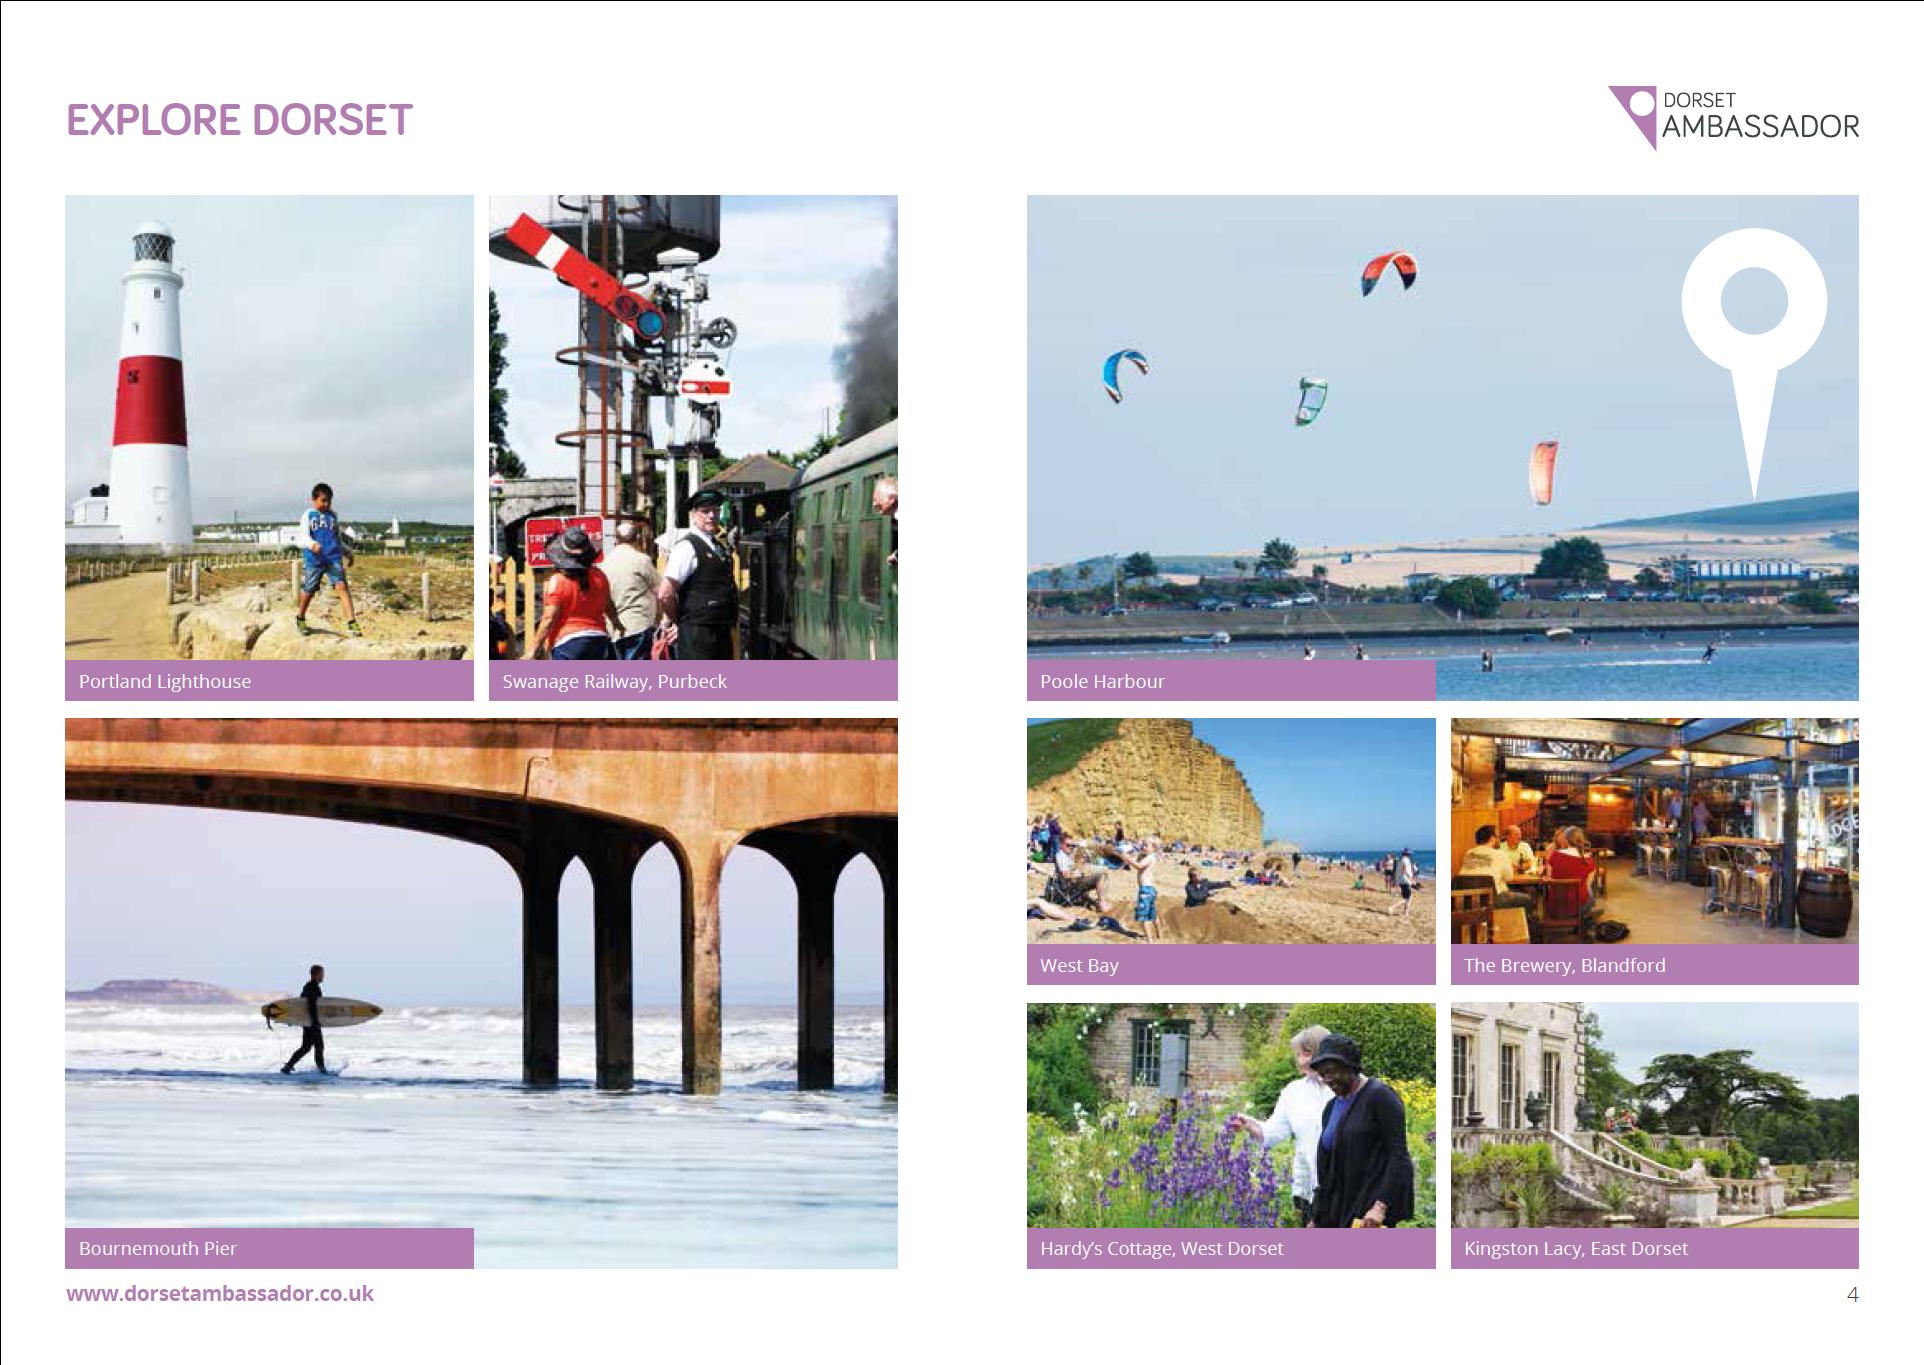 Dorset Ambassador - Explore Dorset page 4